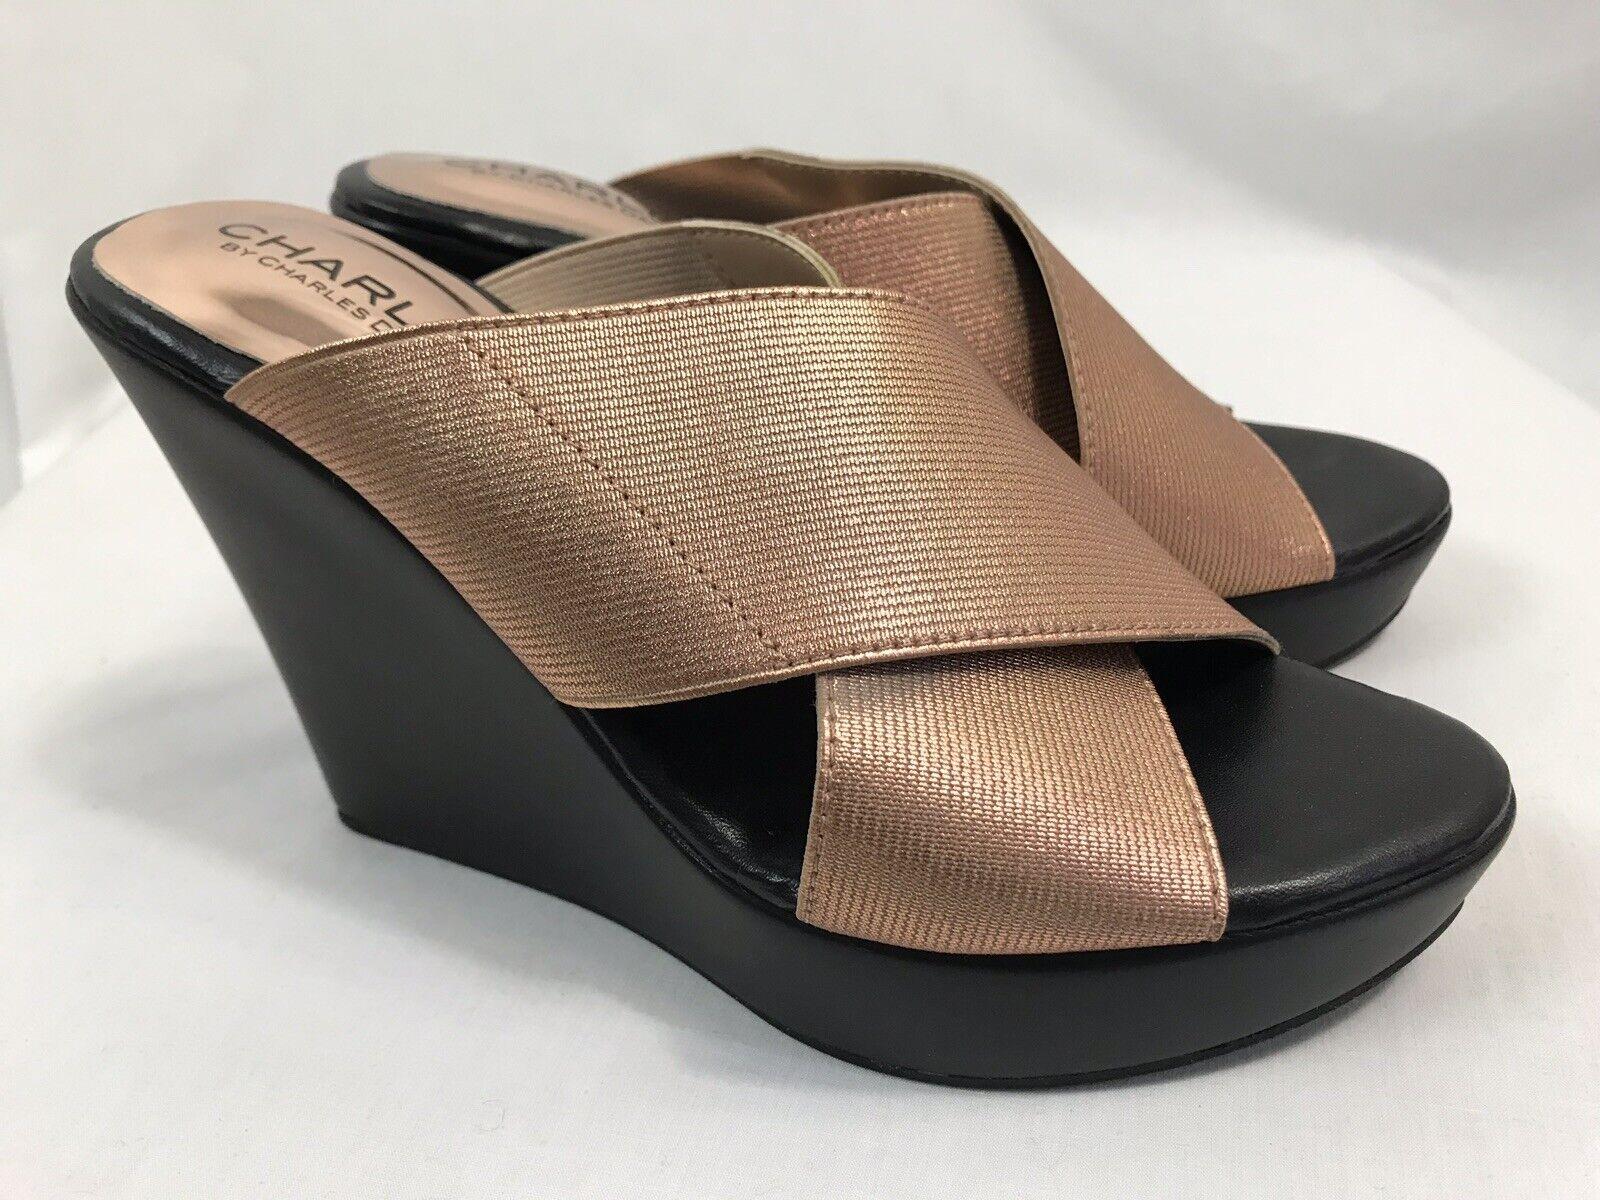 Charles Damen 5.5M Größe Sandalen, Keilabsatz Kupfer David